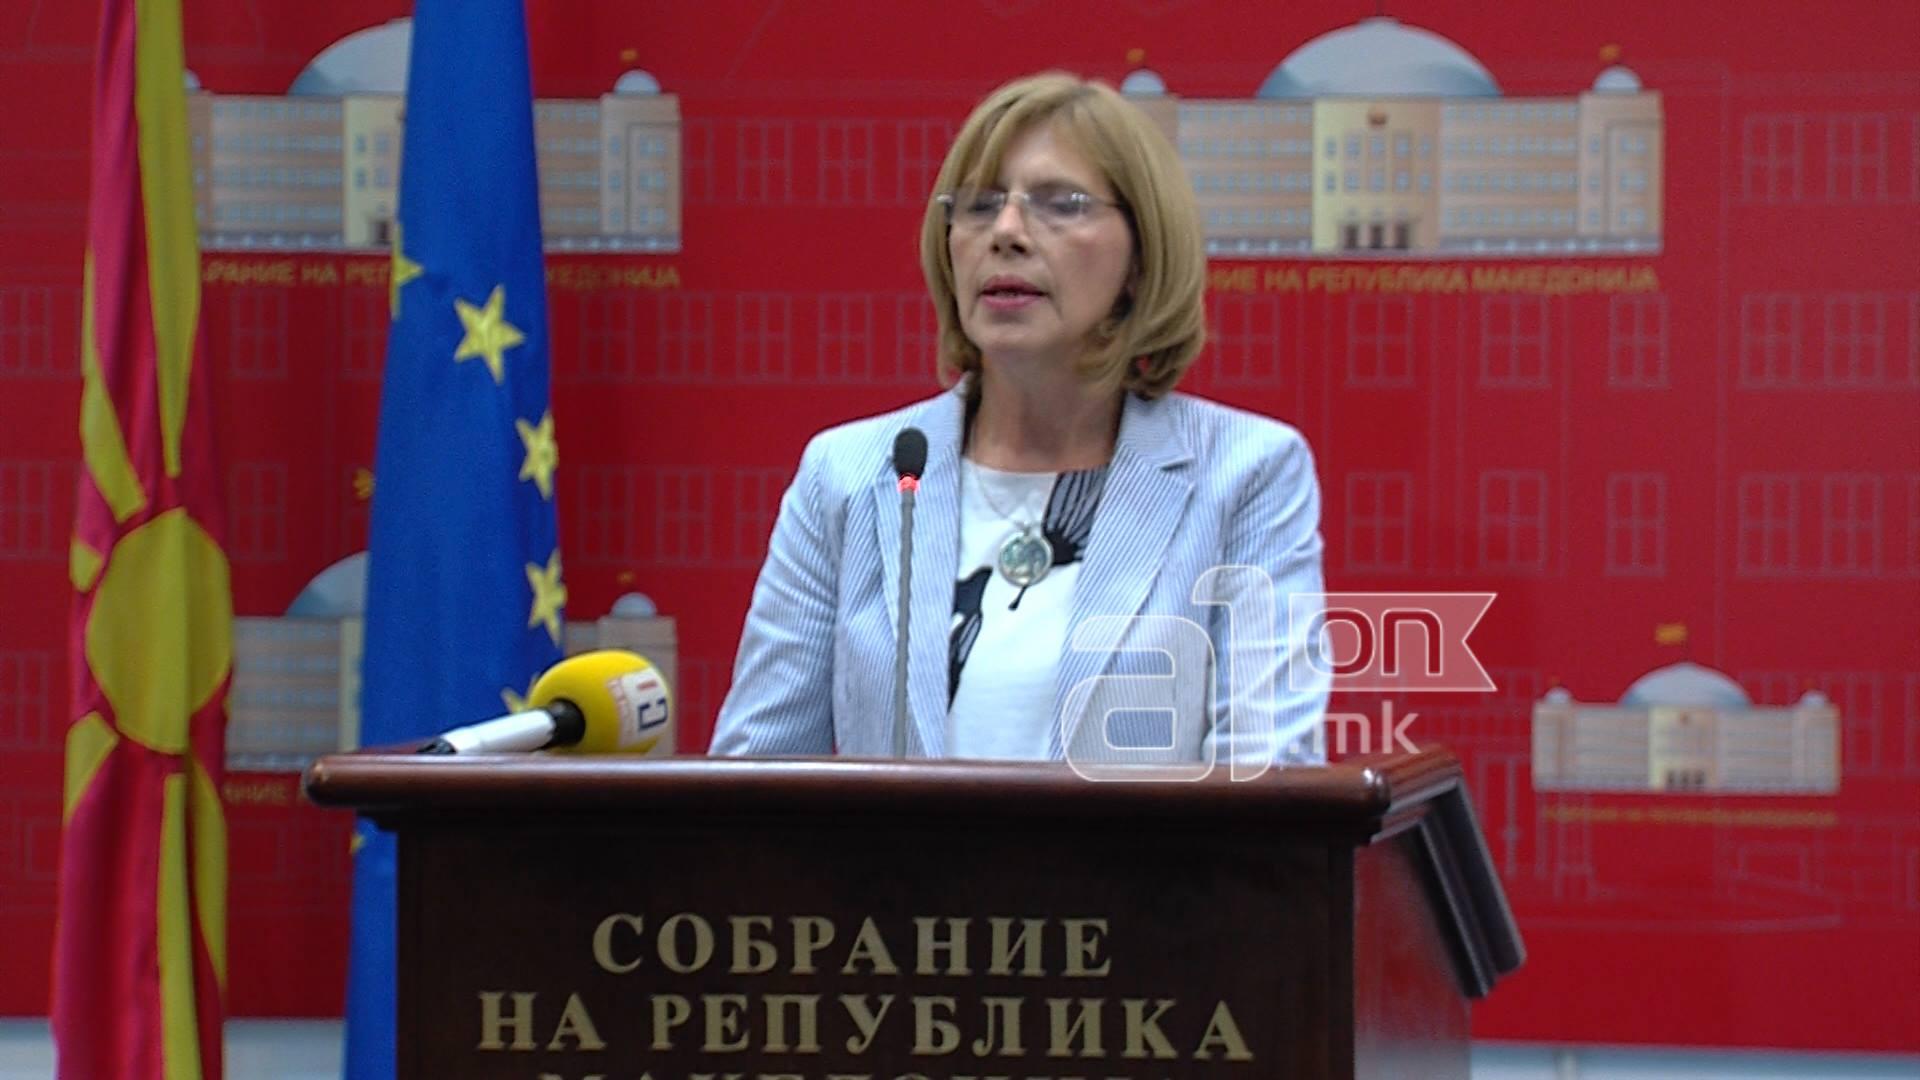 Грчева  Син ми прашува дали е продадена Македонија  ќе дојде да протестира